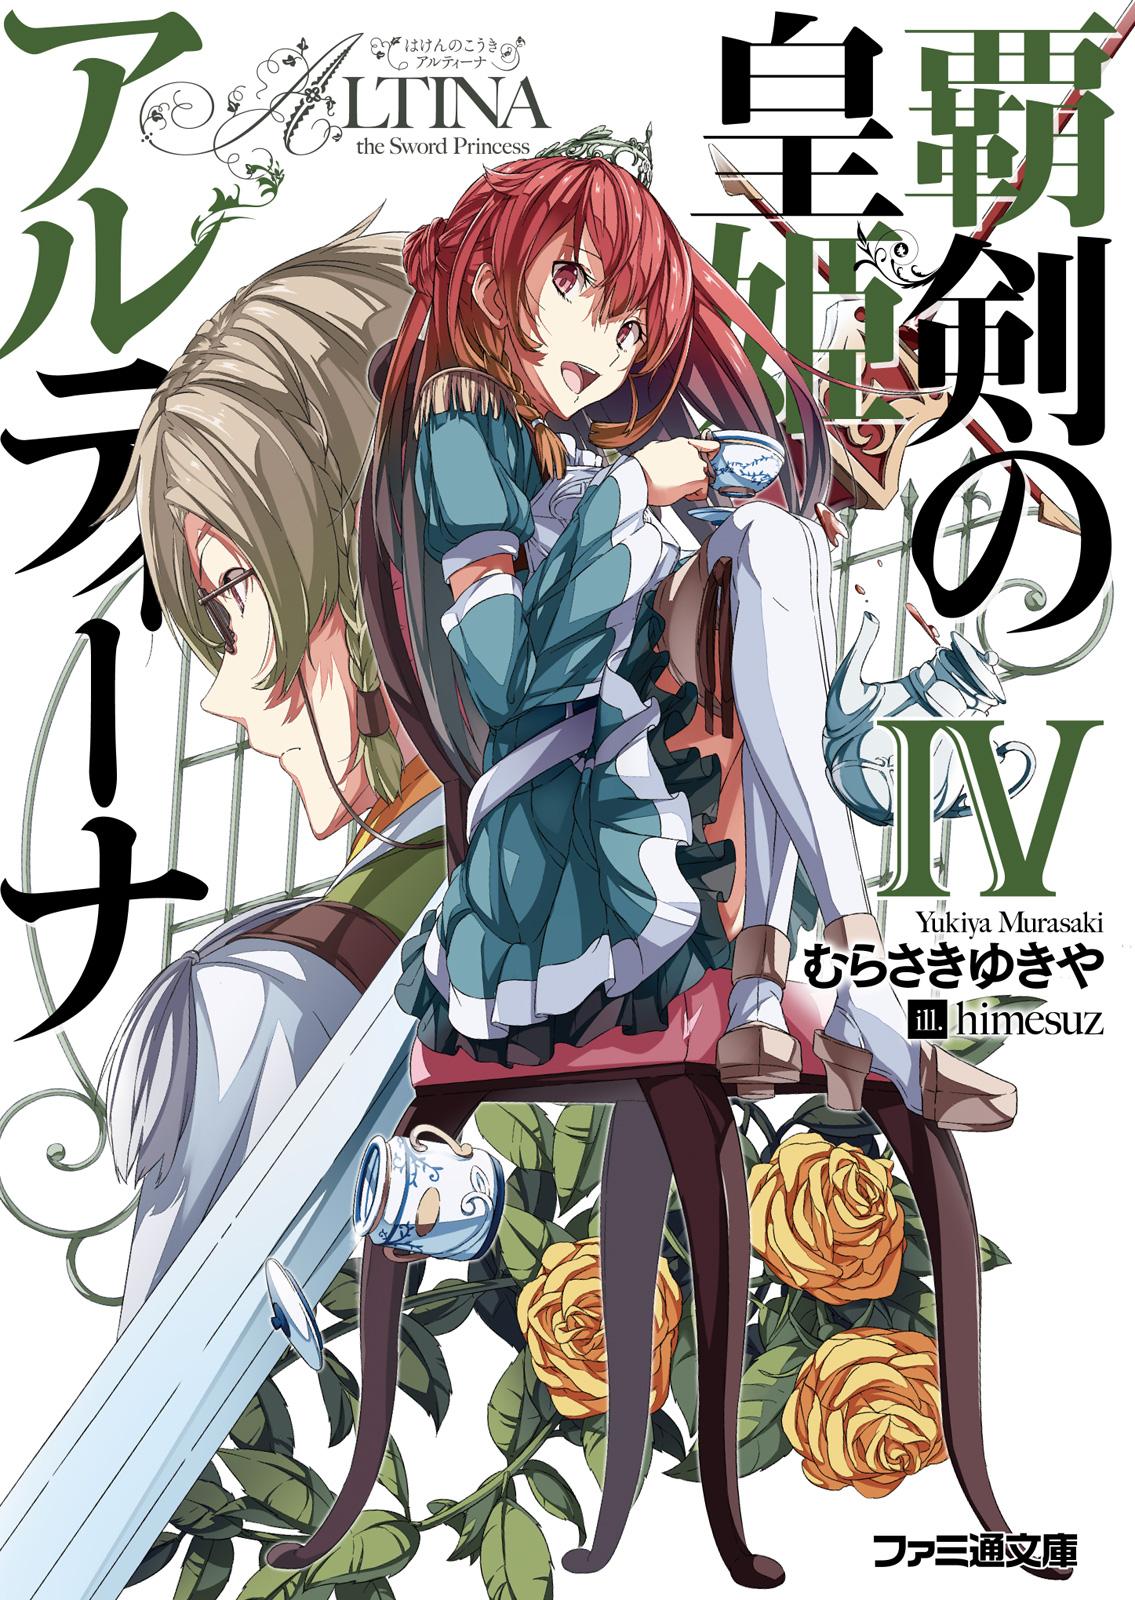 Date A Live Light Novel Volume 4 Pdf Download - logslost